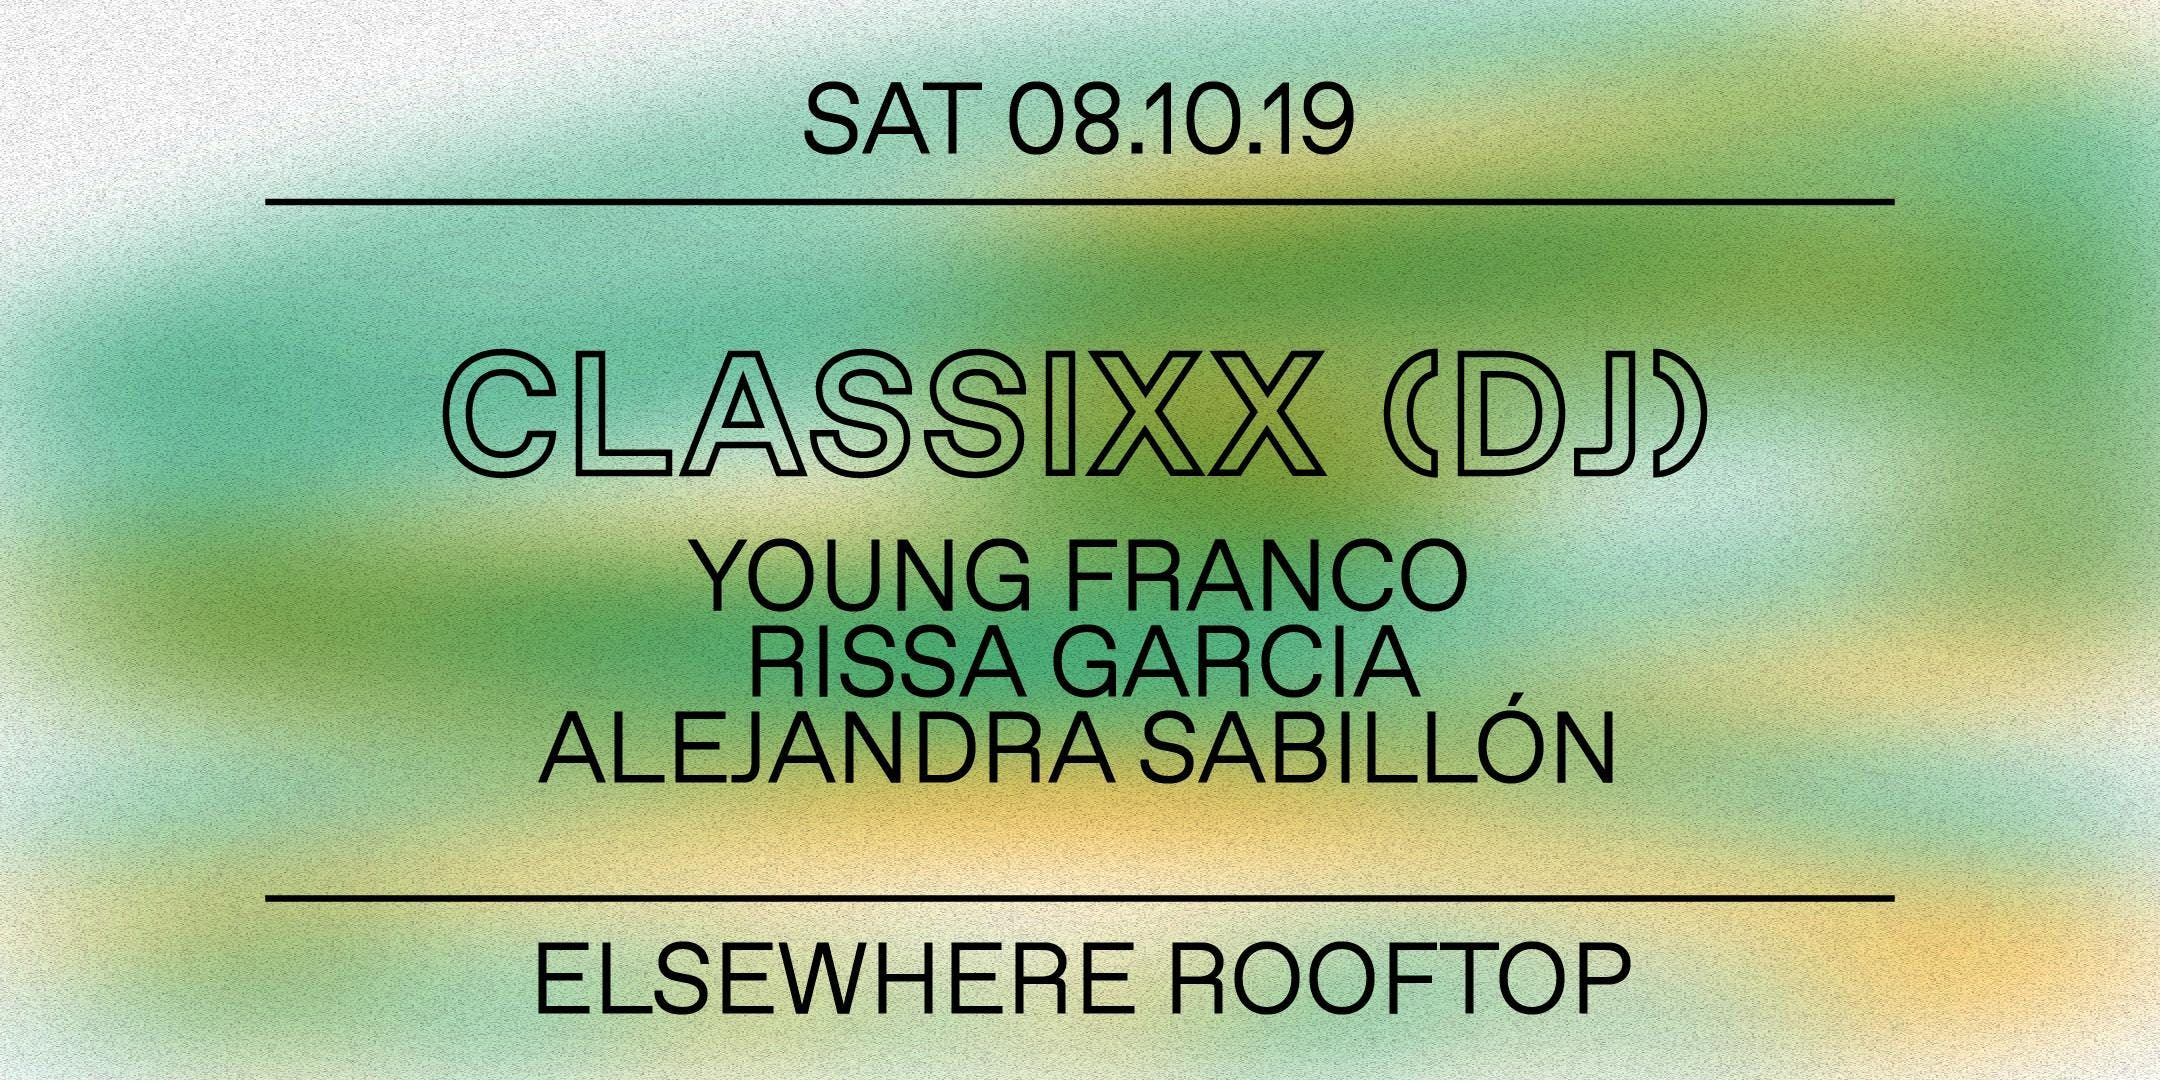 Classixx (DJ Set), Young Franco, Rissa Garcia & Alejandra Sabillón